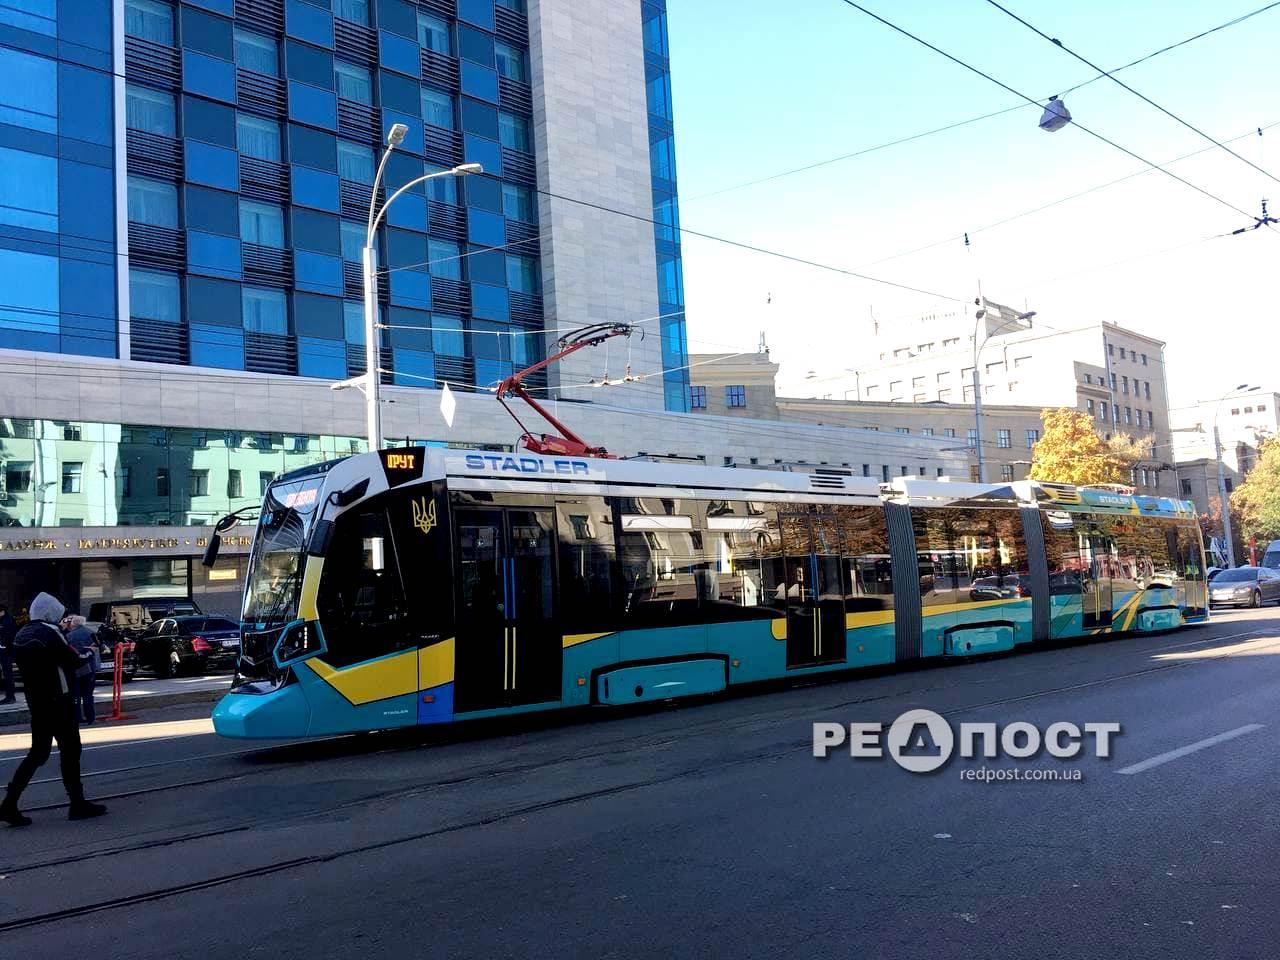 """Новый трамвай """"Stadler"""""""